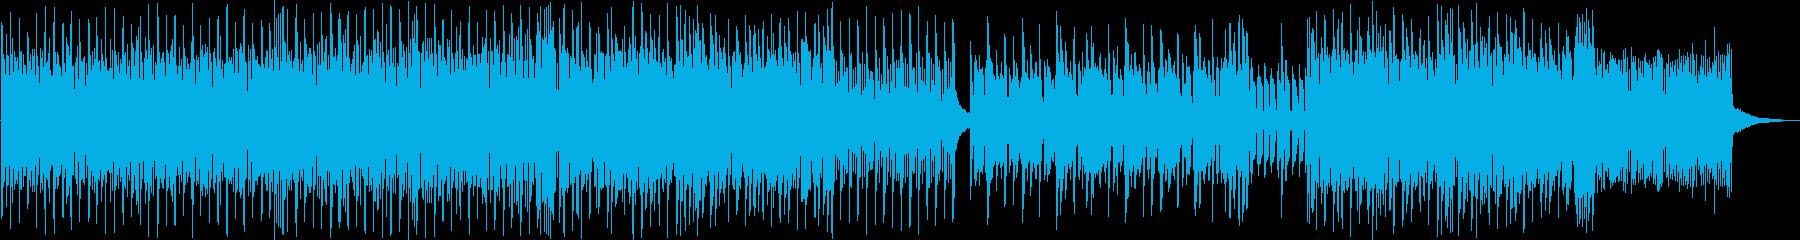 シンセと生楽器が融合するEDMの再生済みの波形